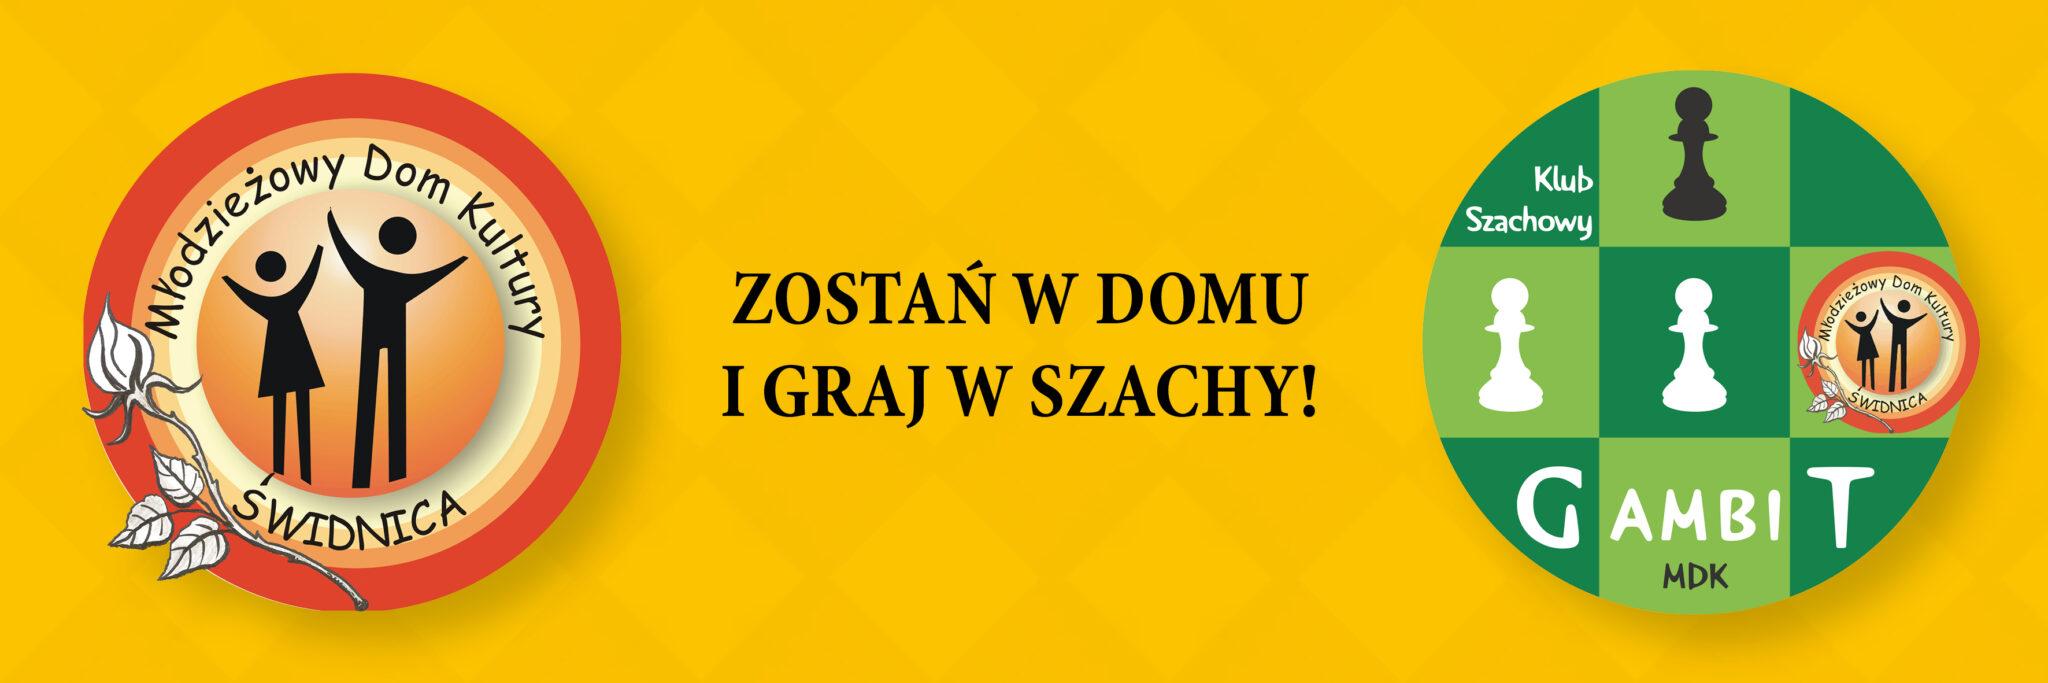 ZOSTAŃ W DOMU I GRAJ W SZACHY! (18), 21.03.2020 – DZISIEJSZE TURNIEJE